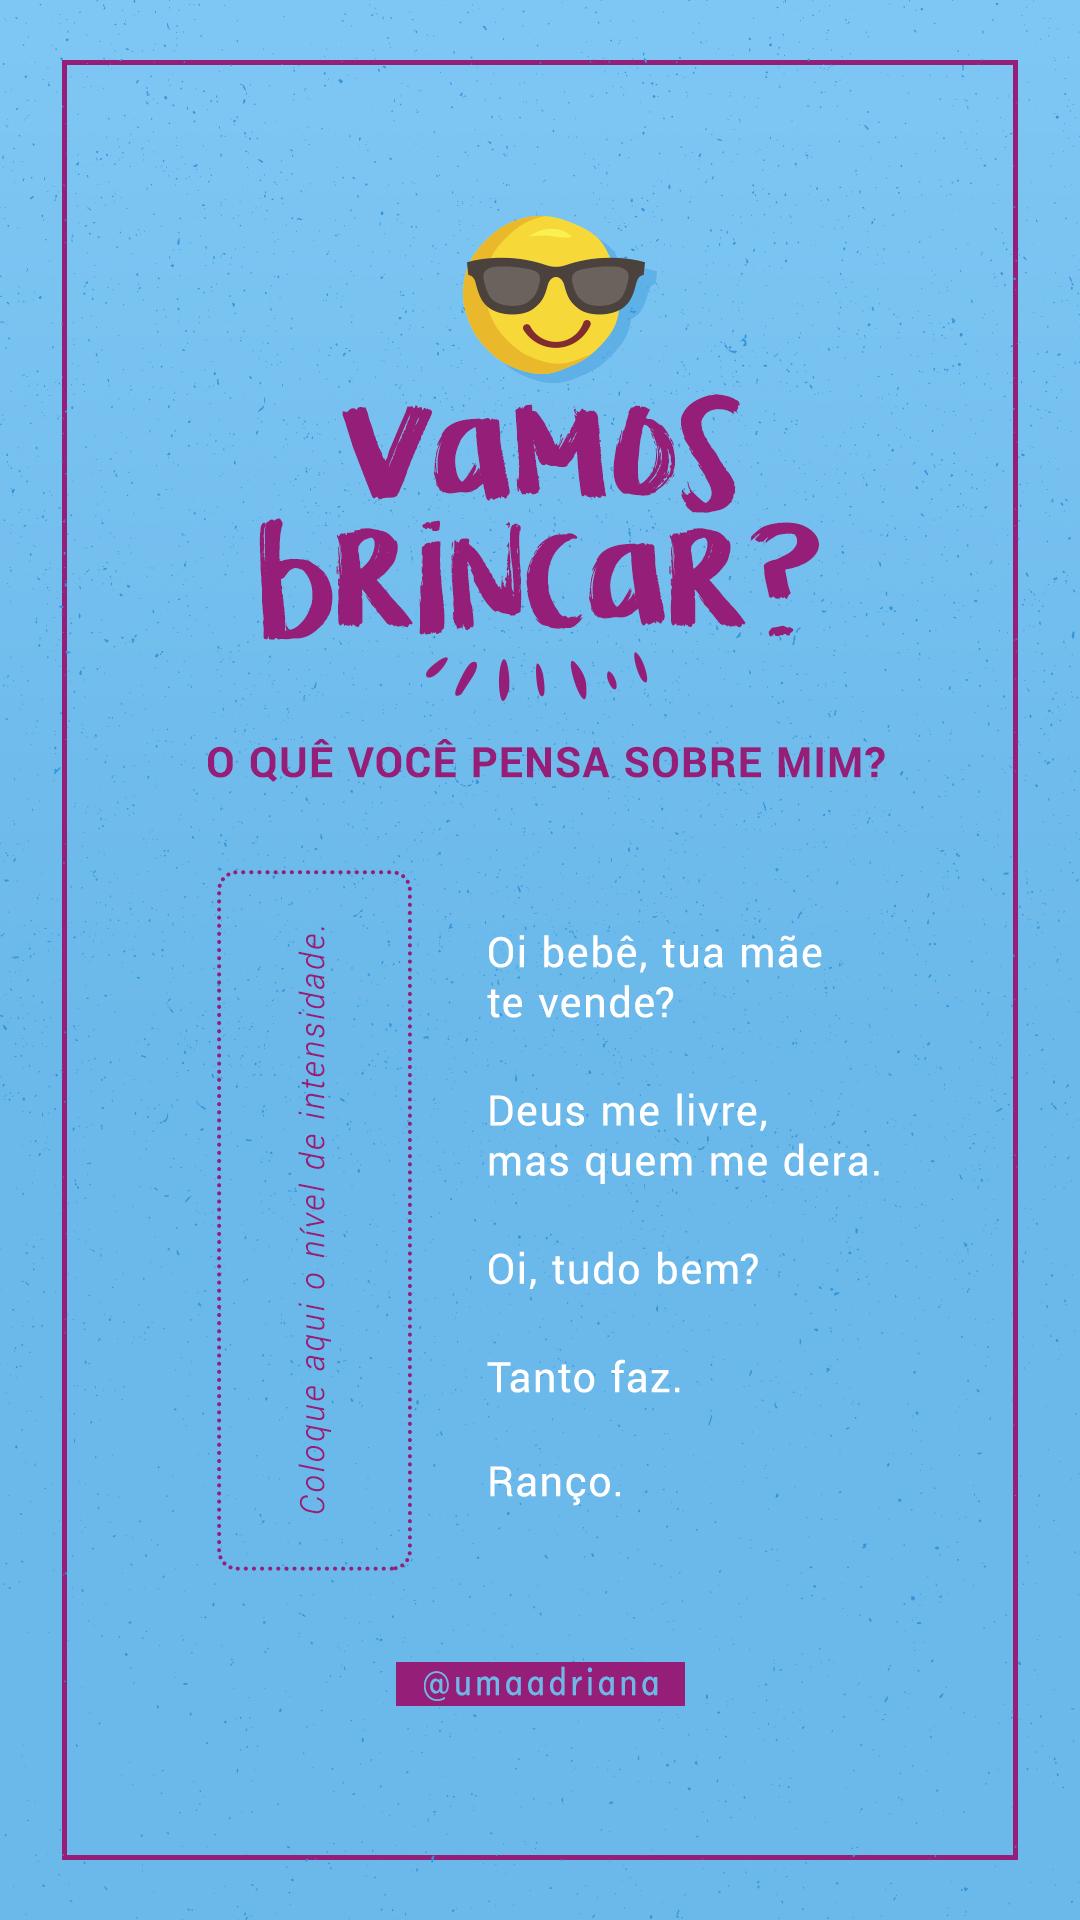 Template Intensidade Instagram By Umaadriana Verdade Ou Desafio Perguntas Brincadeiras Para Facebook Perguntas Para Brincadeiras